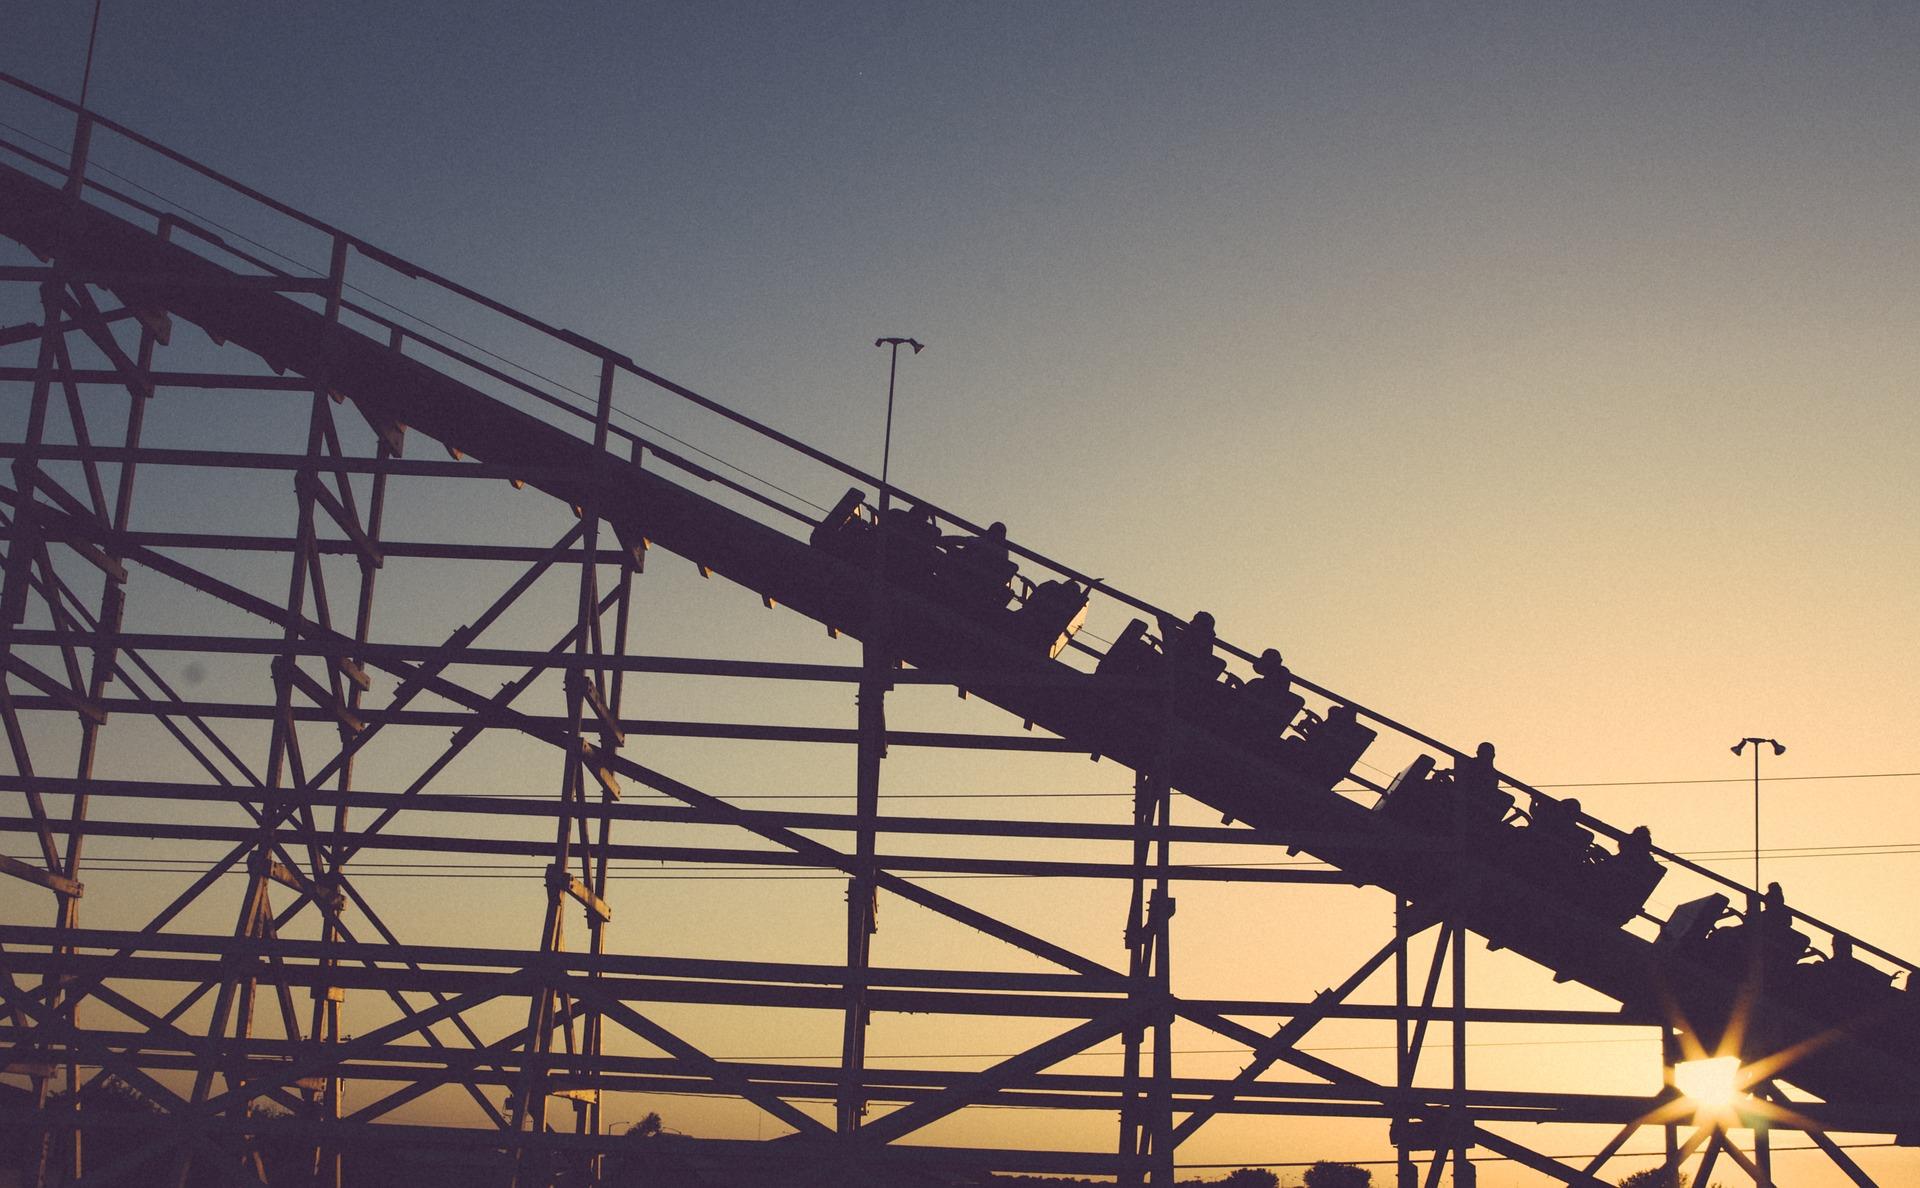 roller-coaster-1209490_1920.jpg